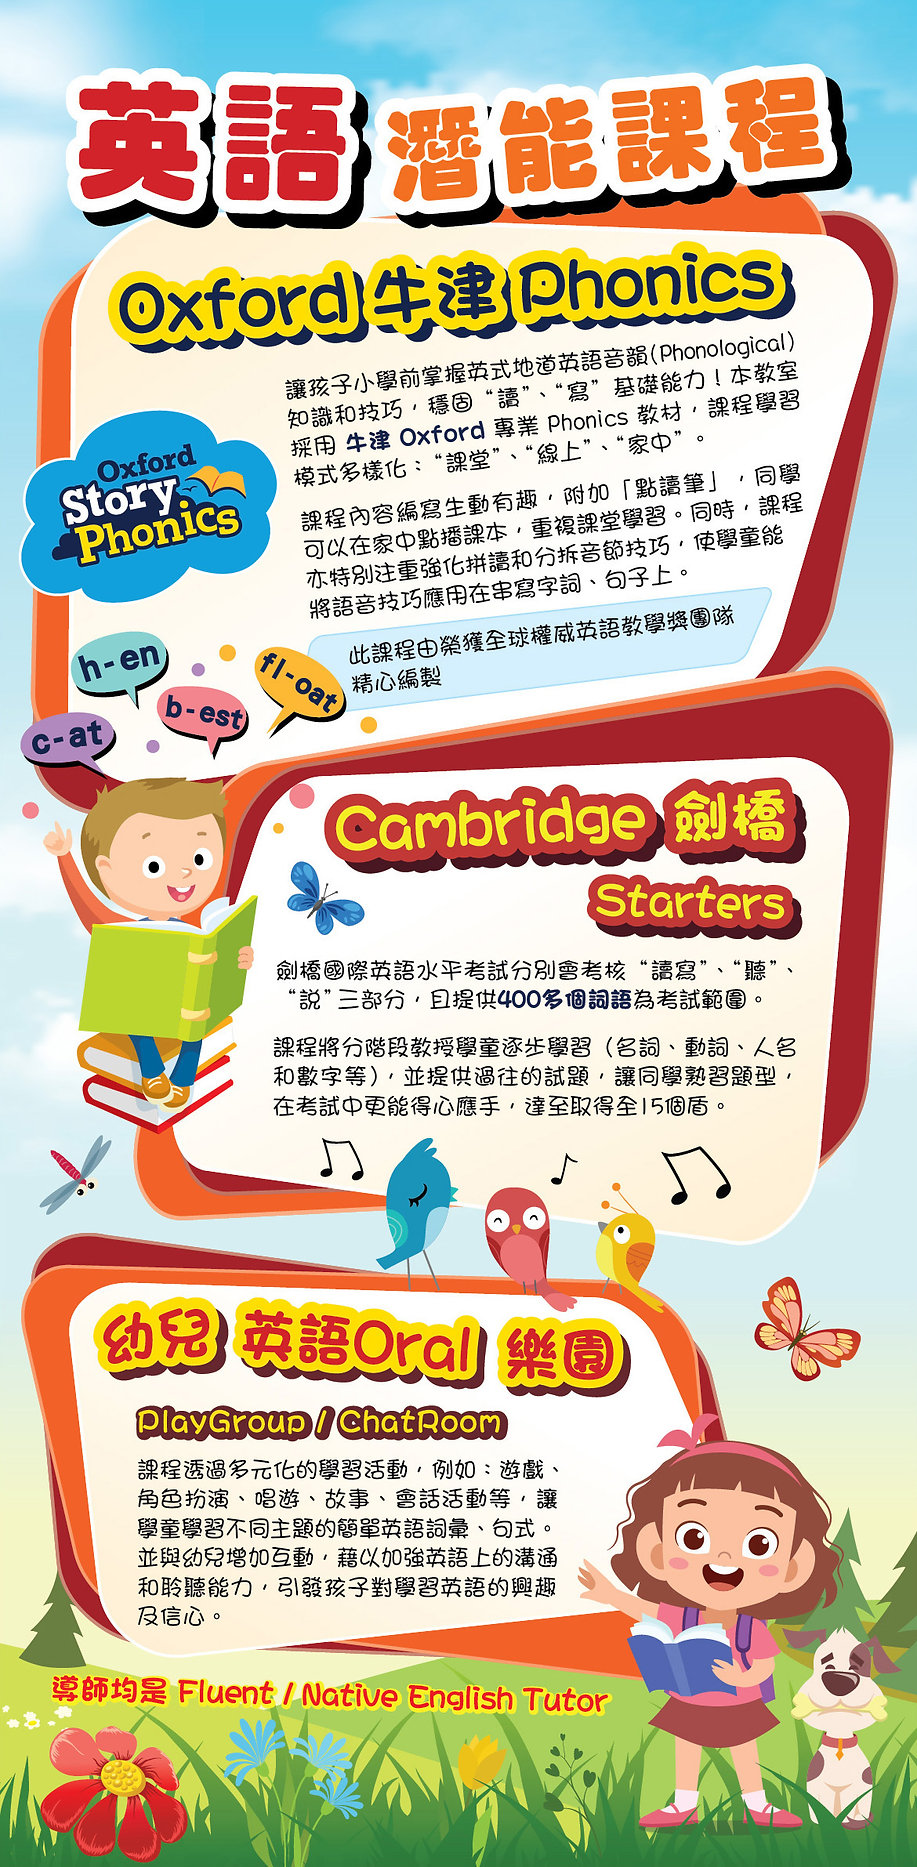 智趣星 leaflet-01.jpg